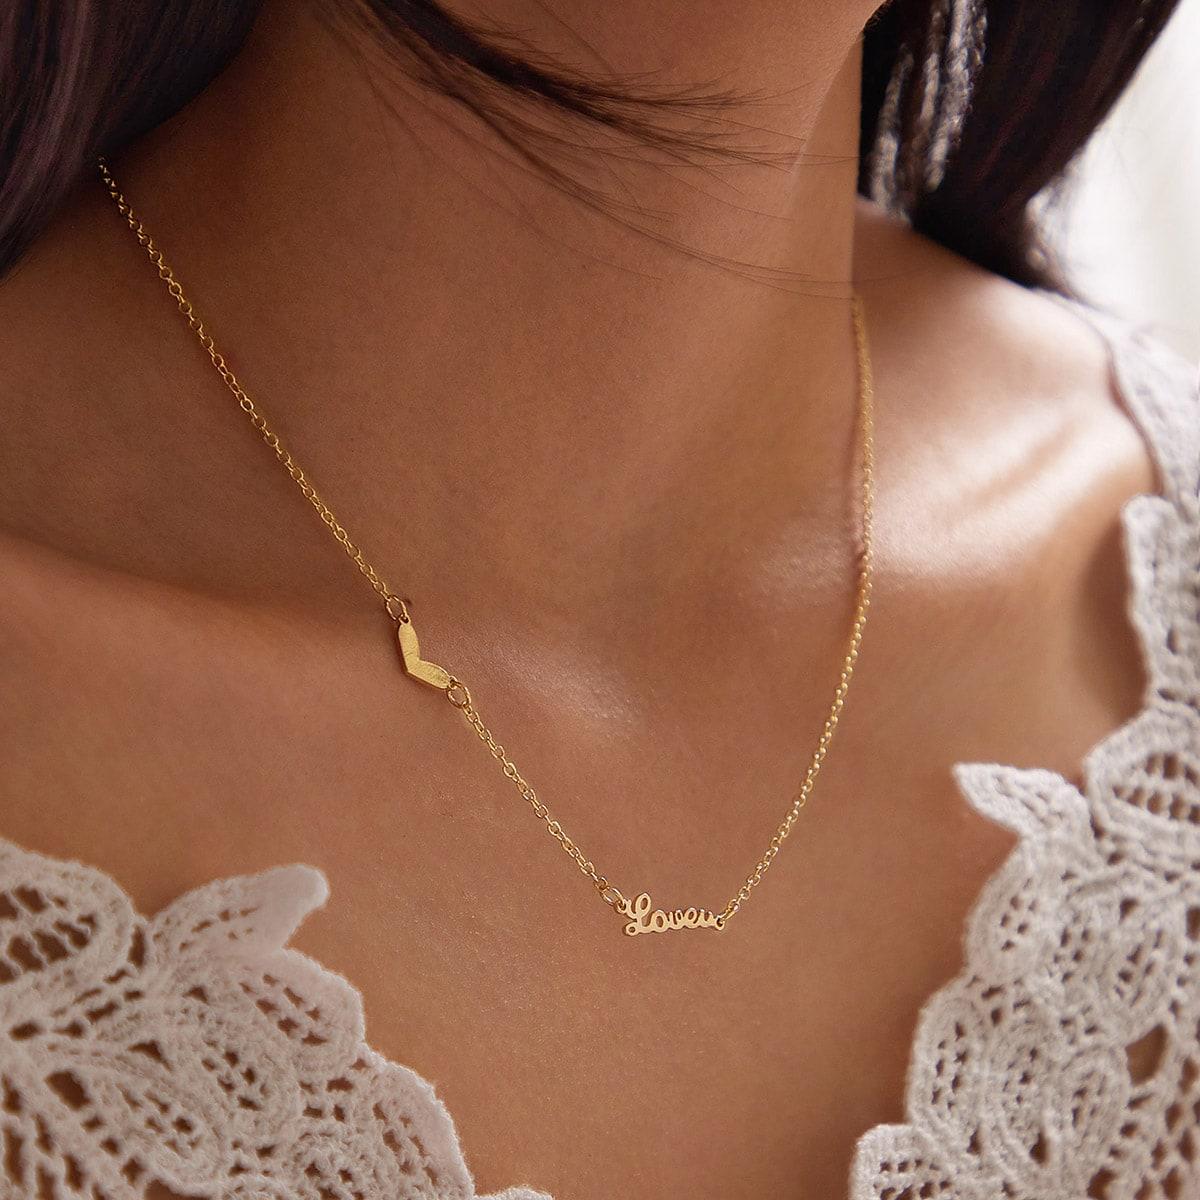 1pc Heart & Letter Decor Necklace